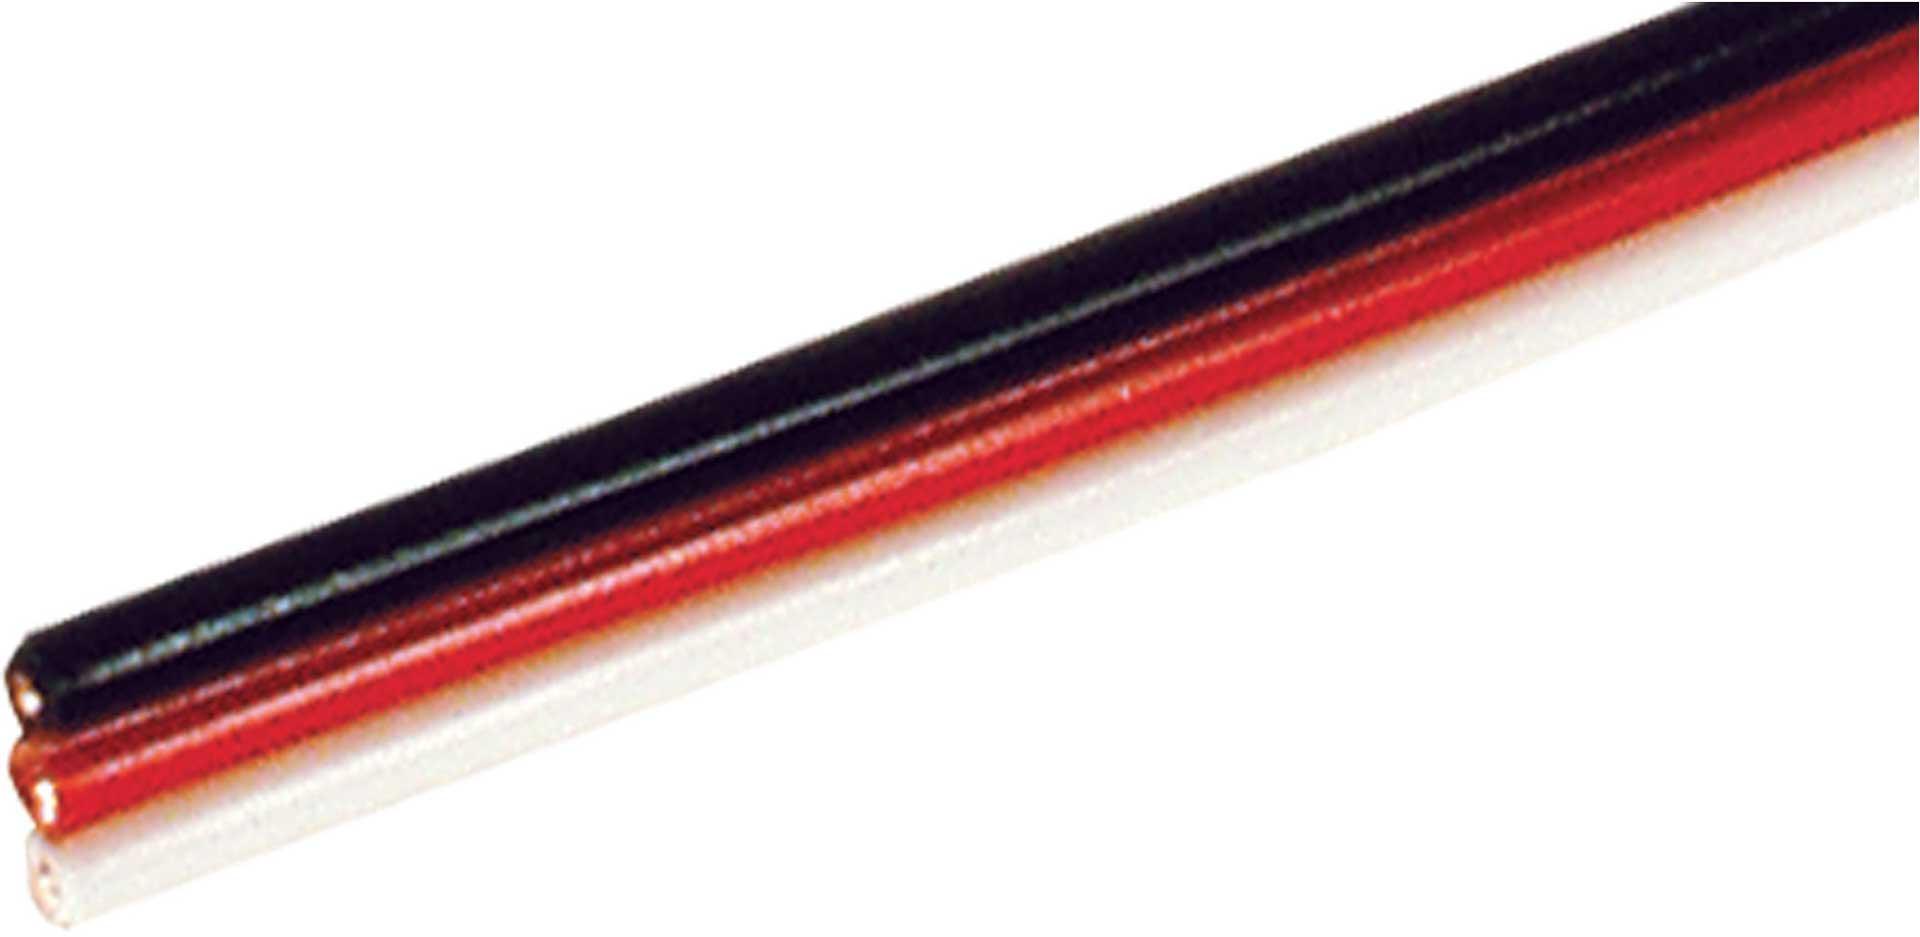 Robbe Modellsport Servokabel Futaba 50 Meter flach 0,13mm² (26AWG) PVC Meterware